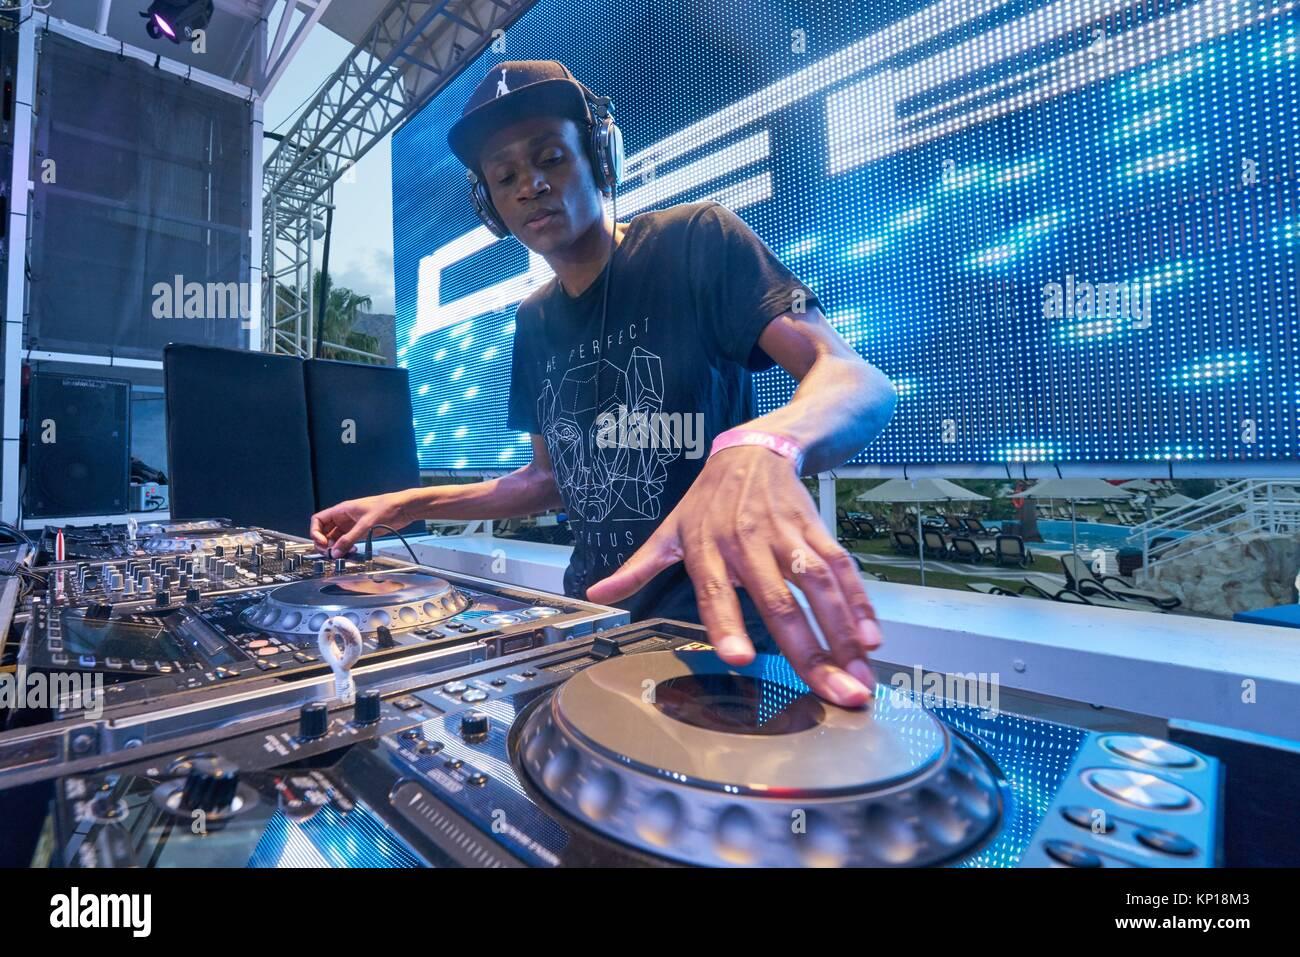 DJ DebK presso il festival di musica Starbeach Lovestar Neon a Hersonissos Creta, Grecia, su 23. Agosto 2017 Immagini Stock